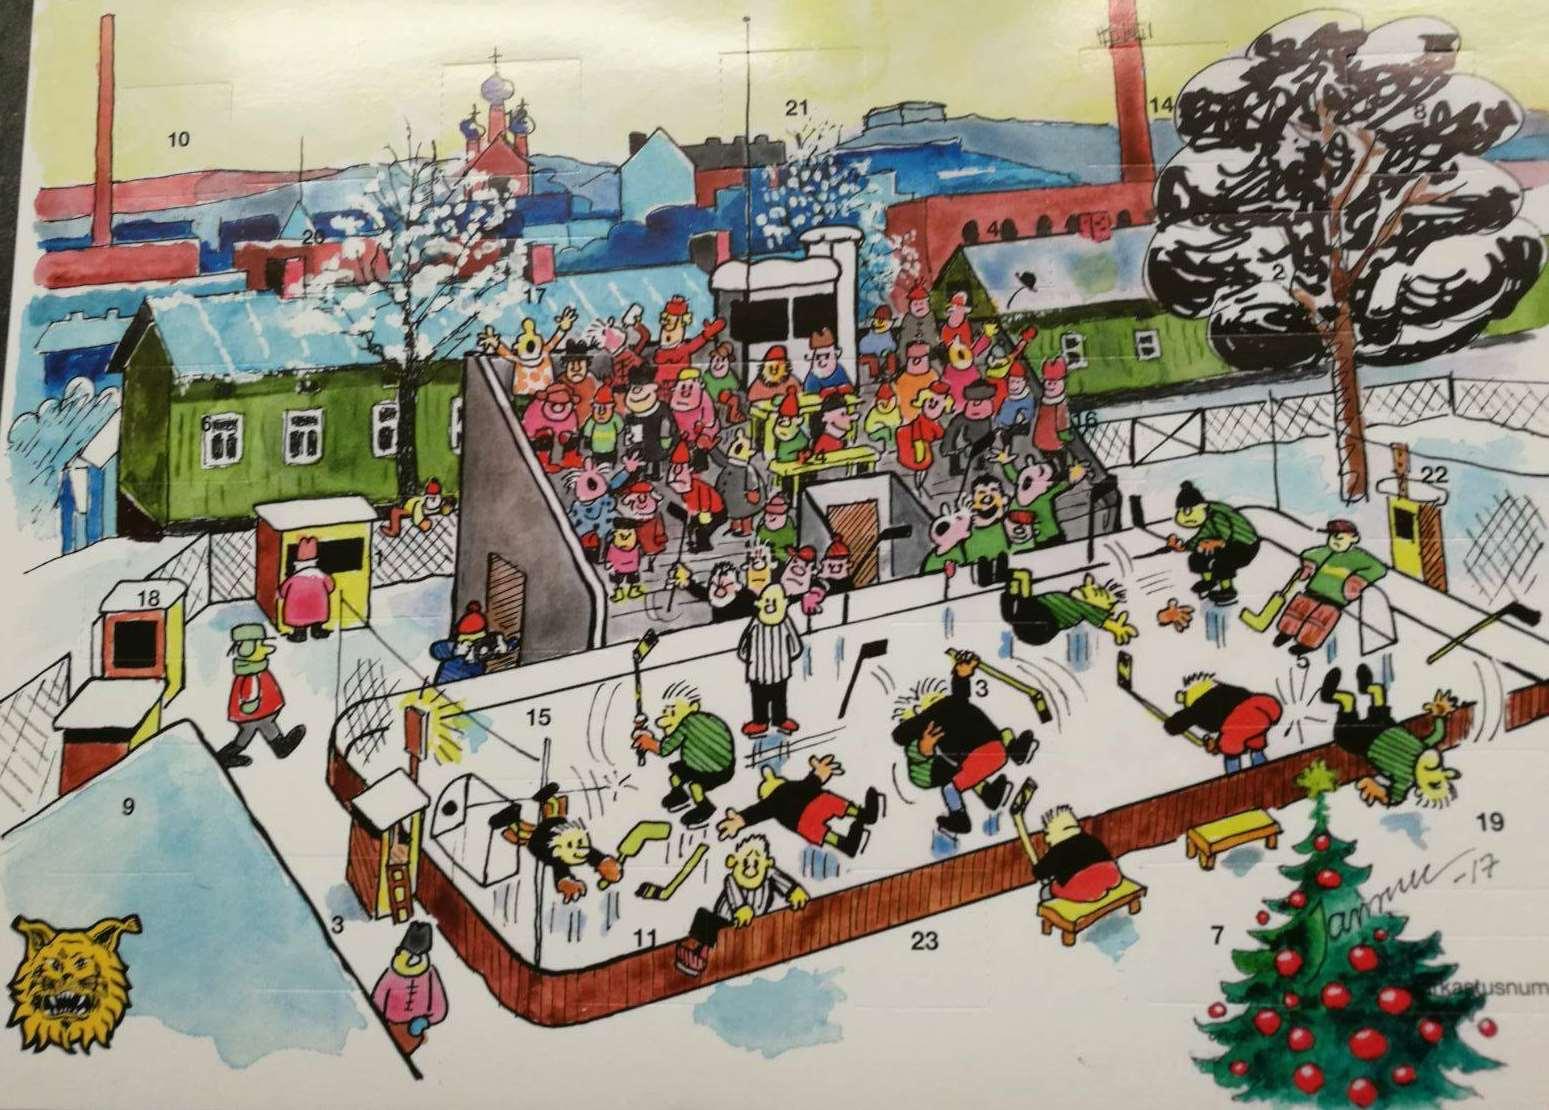 ilves joulukalenteri 2018 Joulukalenterit nyt myynnissä   ILVES IKUISESTI RY ilves joulukalenteri 2018